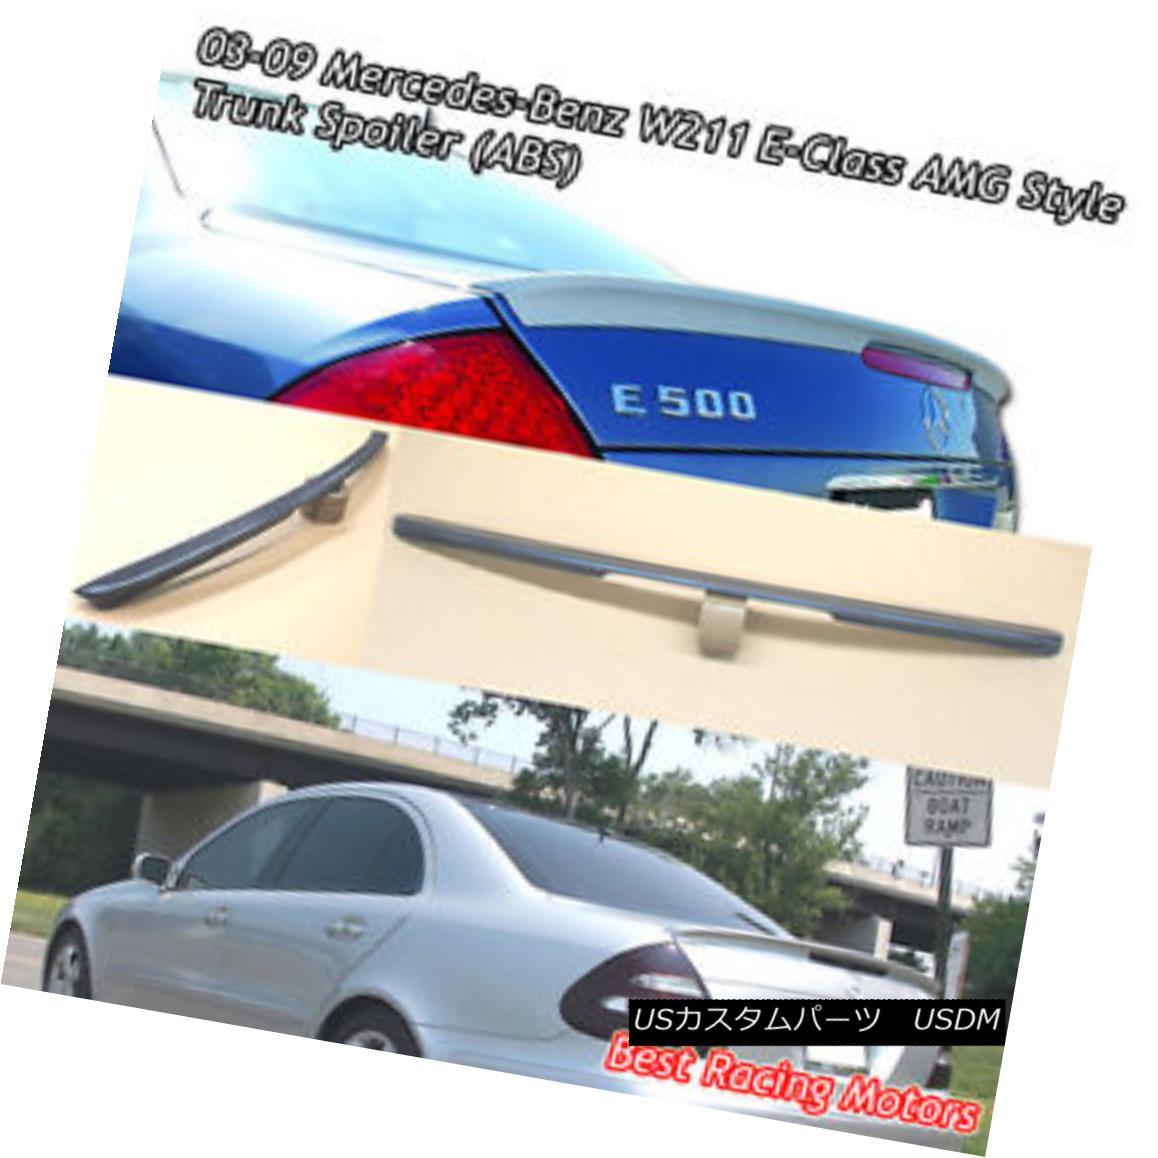 エアロパーツ A Style Trunk Spoiler Wing (ABS) Fits 03-09 Mercedes-Benz W211 E-Class スタイルのトランク・スポイラー・ウィング(ABS)が03-09 Mercedes-Benz W211 Eクラスに適合